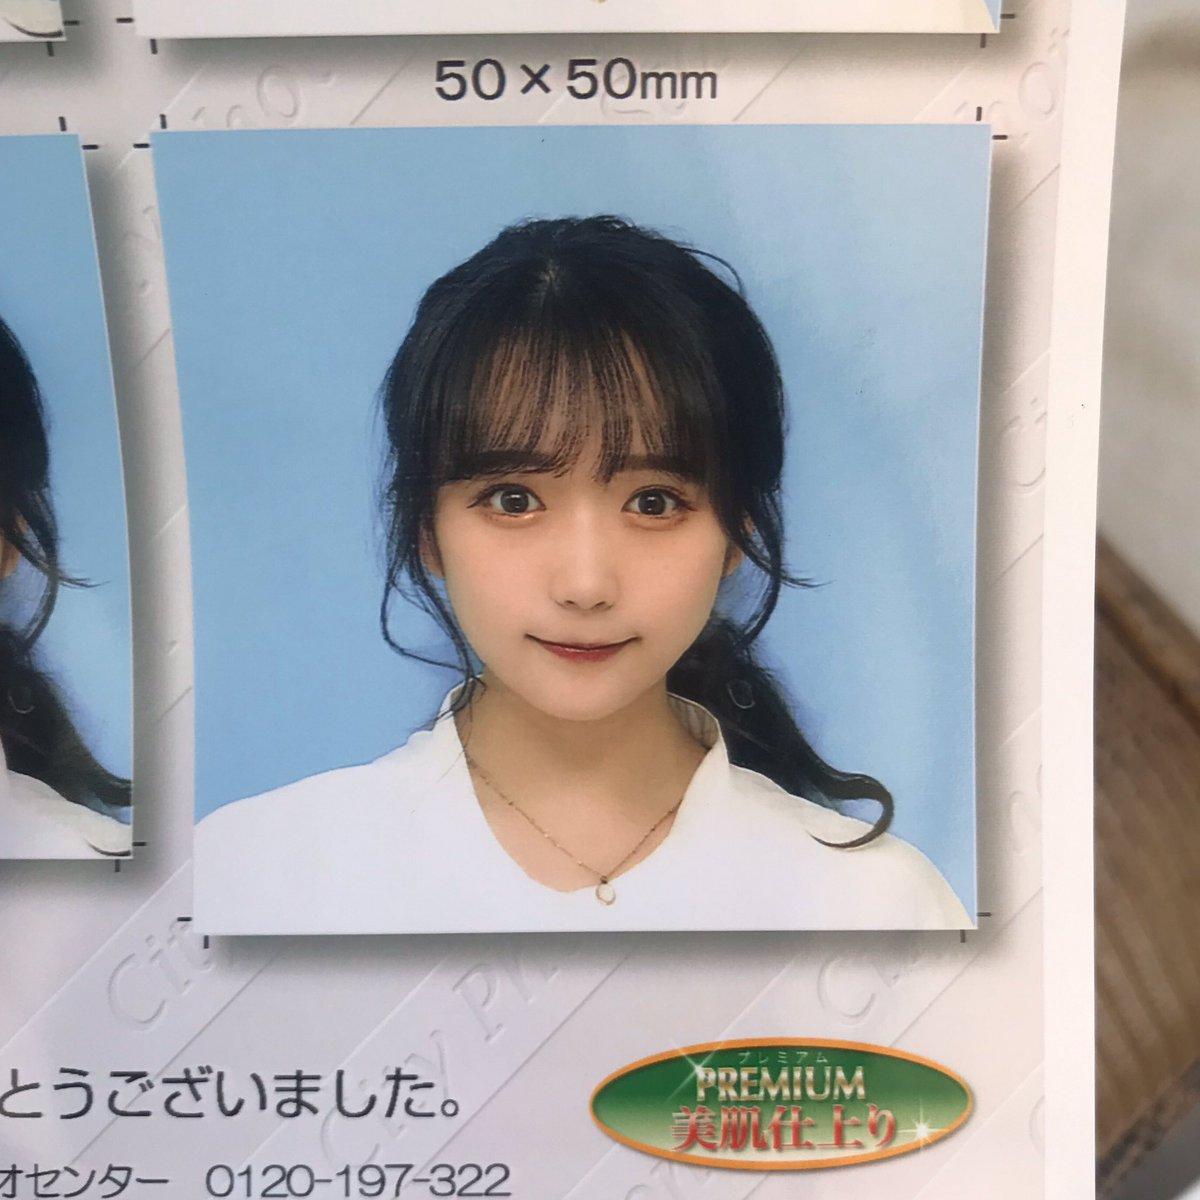 また証明写真🧏🏻♀️まだ17歳で25歳じゃないのに乗りすぎて足りなくなったから5冊目のパスポート更新しに行ってくる✈️ ༘˟